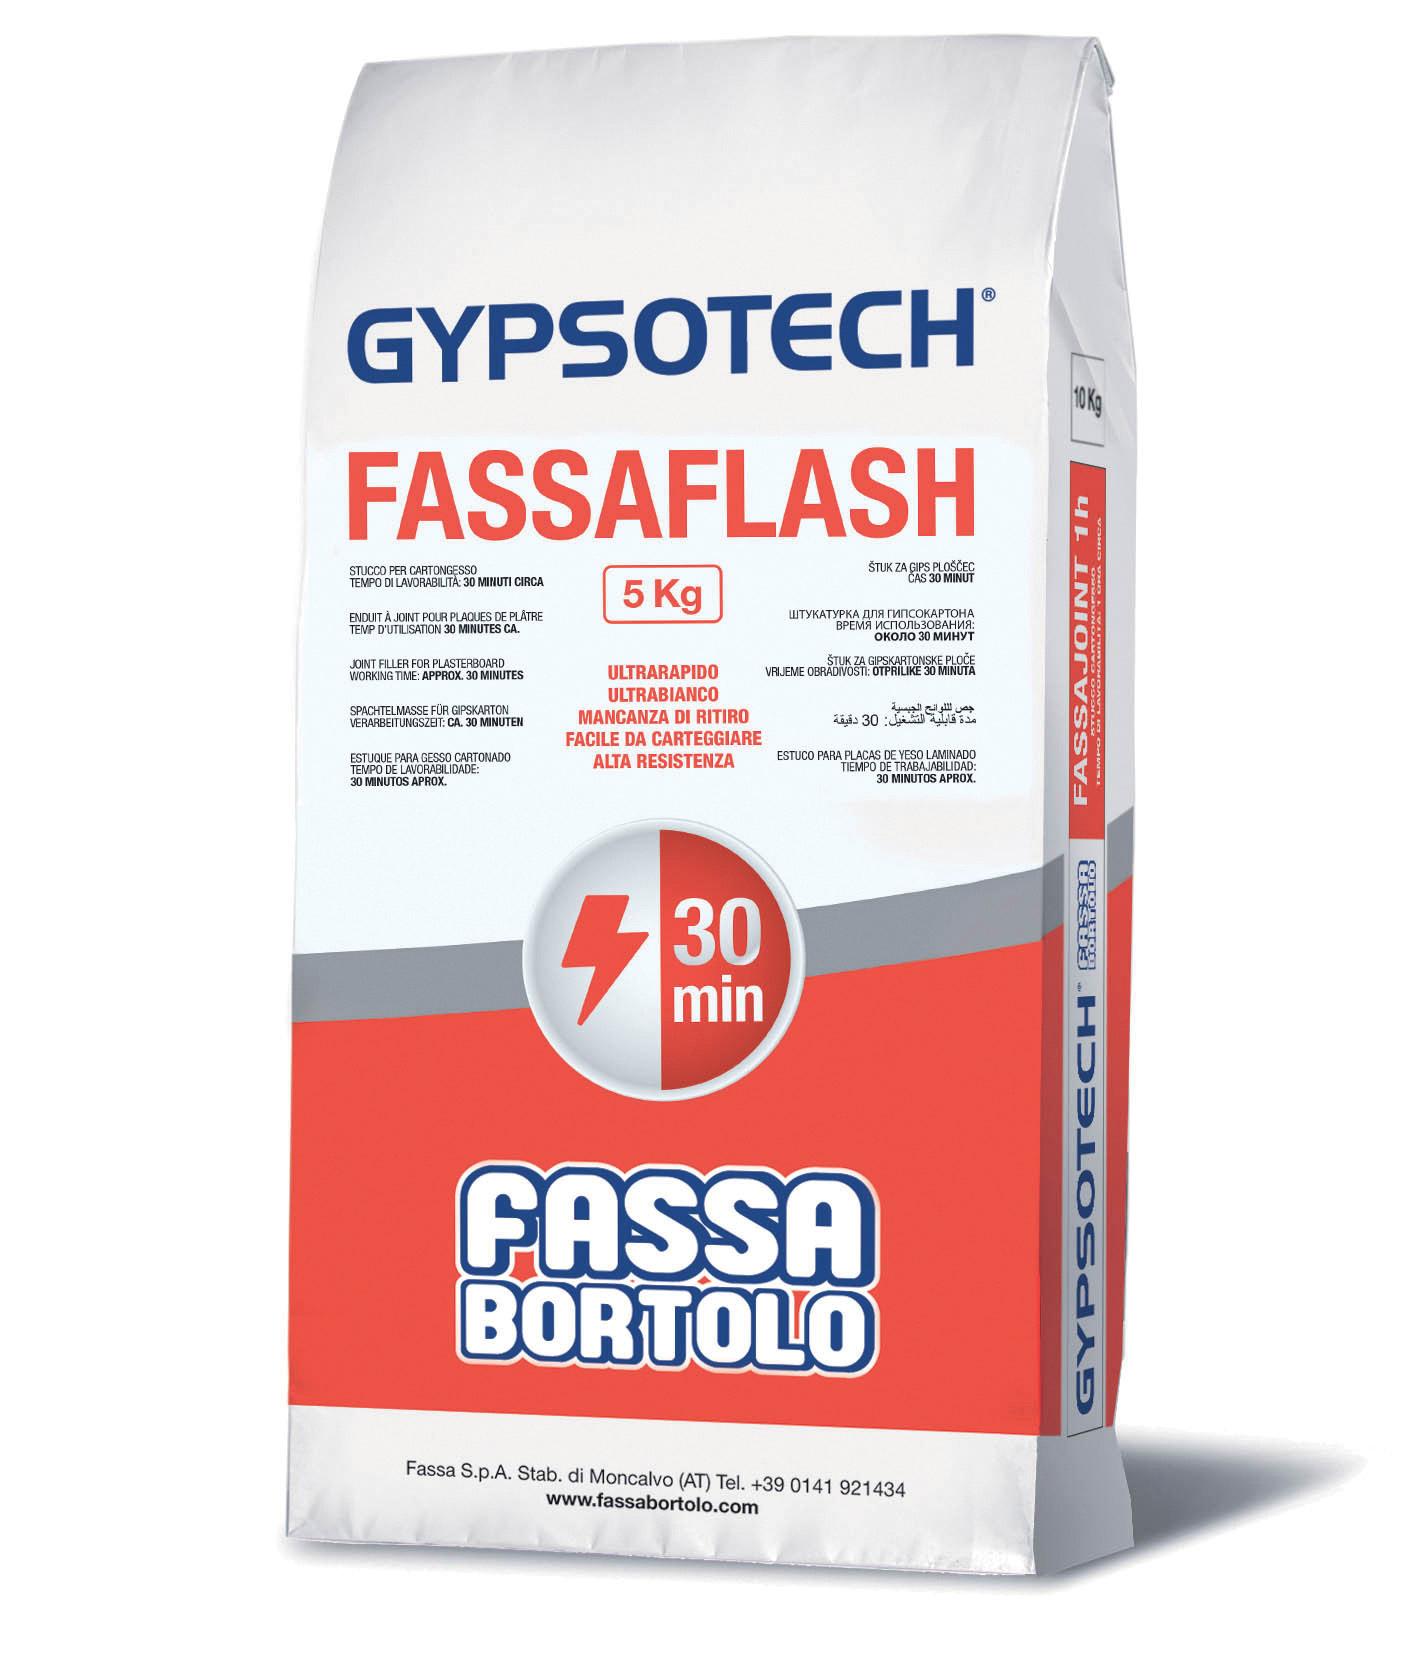 FASSAFLASH: Stucco per cartongesso